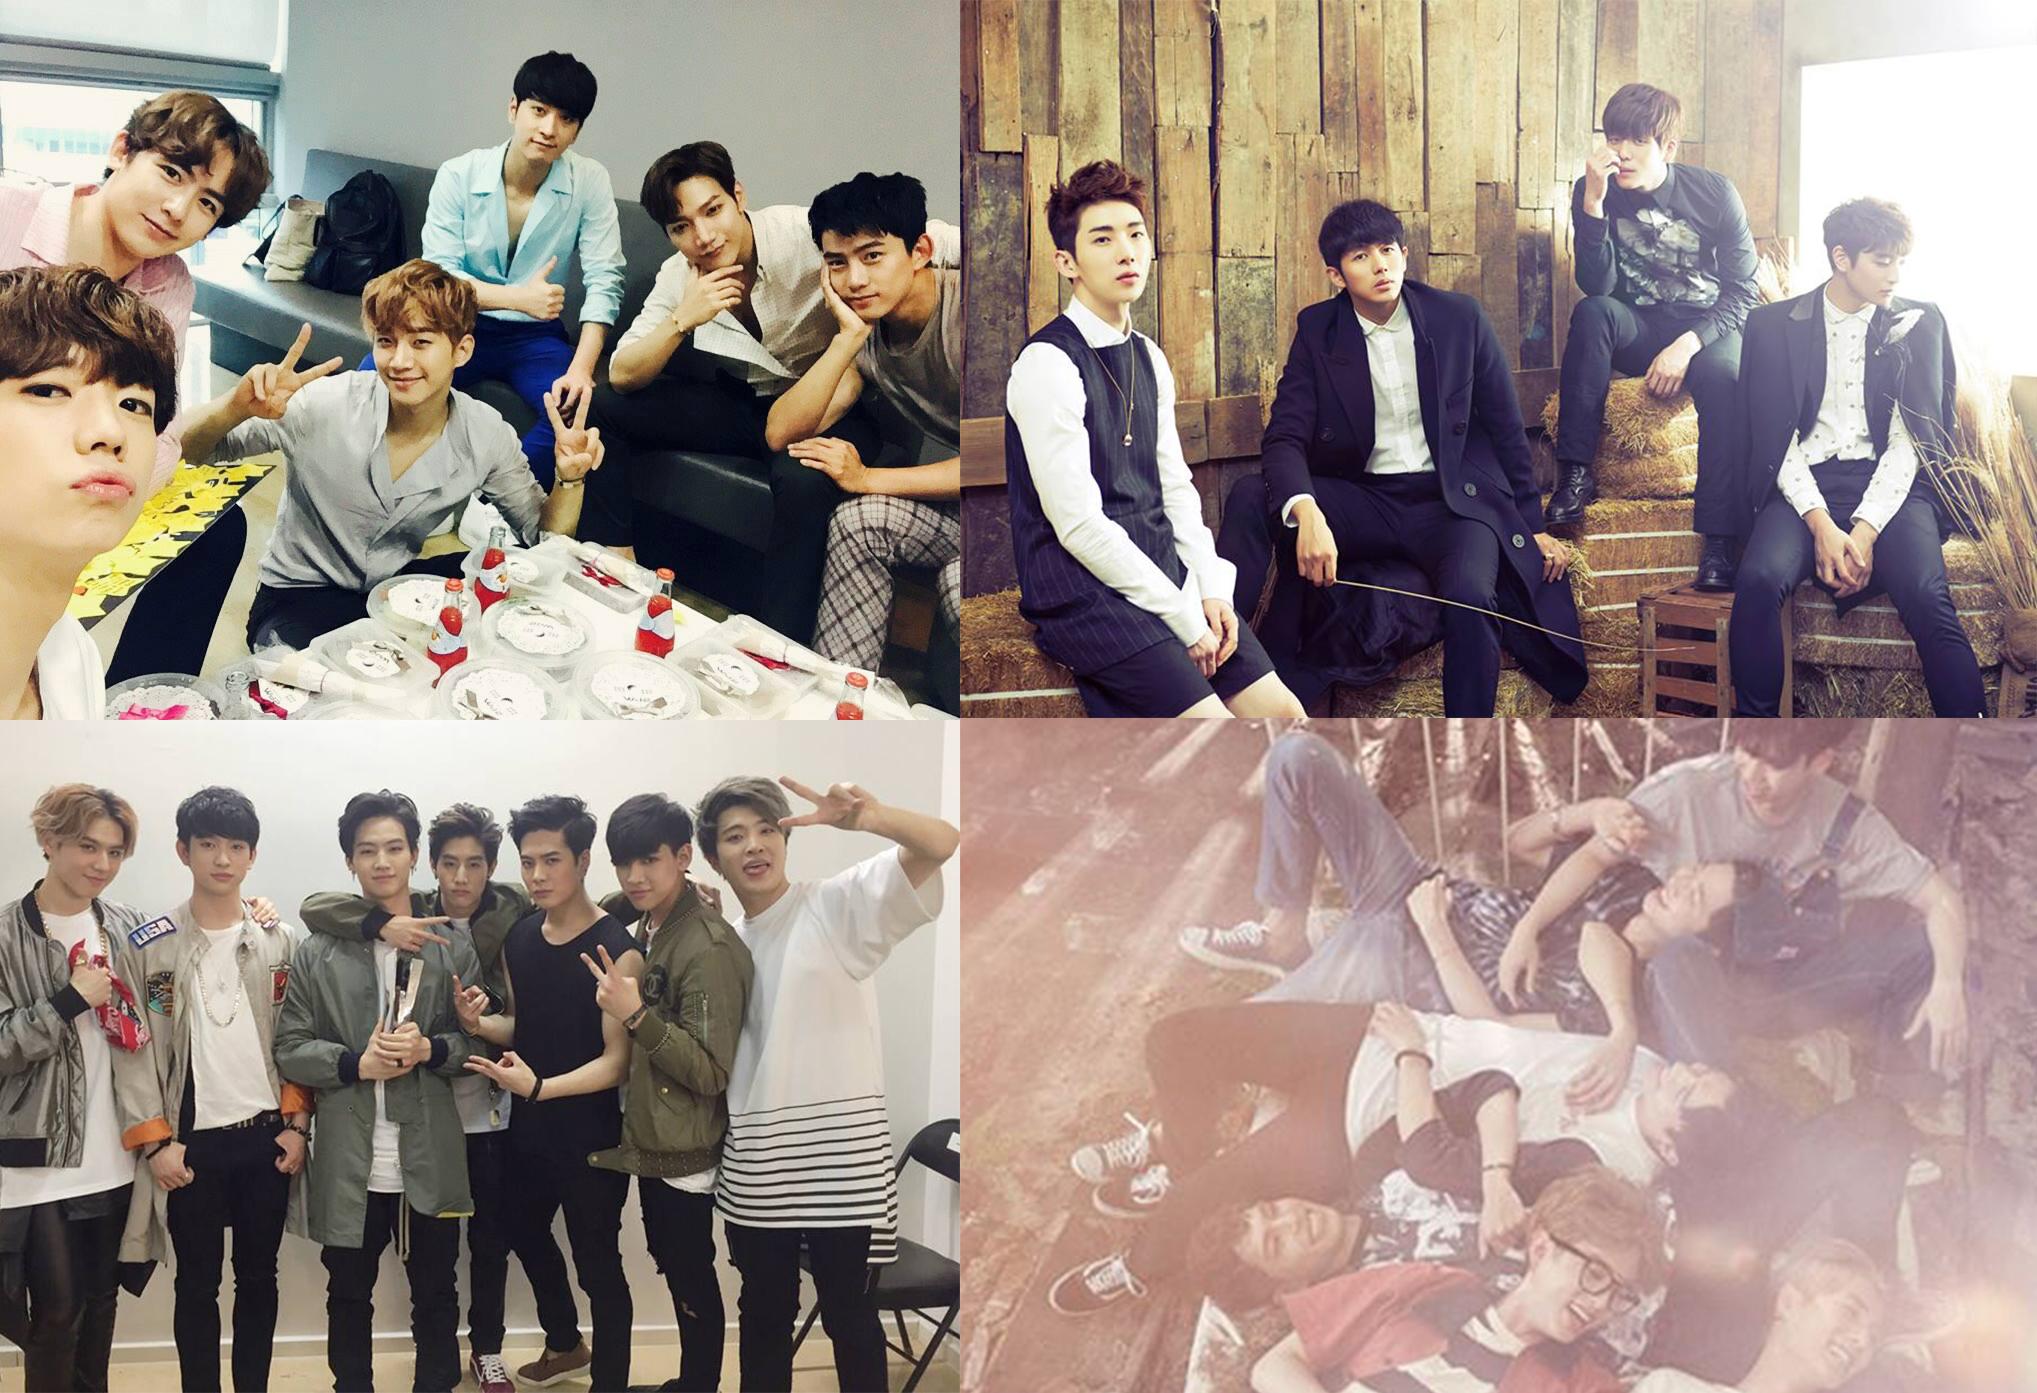 大家不覺得 JYP 很喜歡把數字放在團名內嗎?  除了由 JB 和 Junior 組成的「JJ Project」外,真的全部的男團都有一個數字,連近幾年的女團( 15& 和 TWICE )也有這樣的趨勢喔!